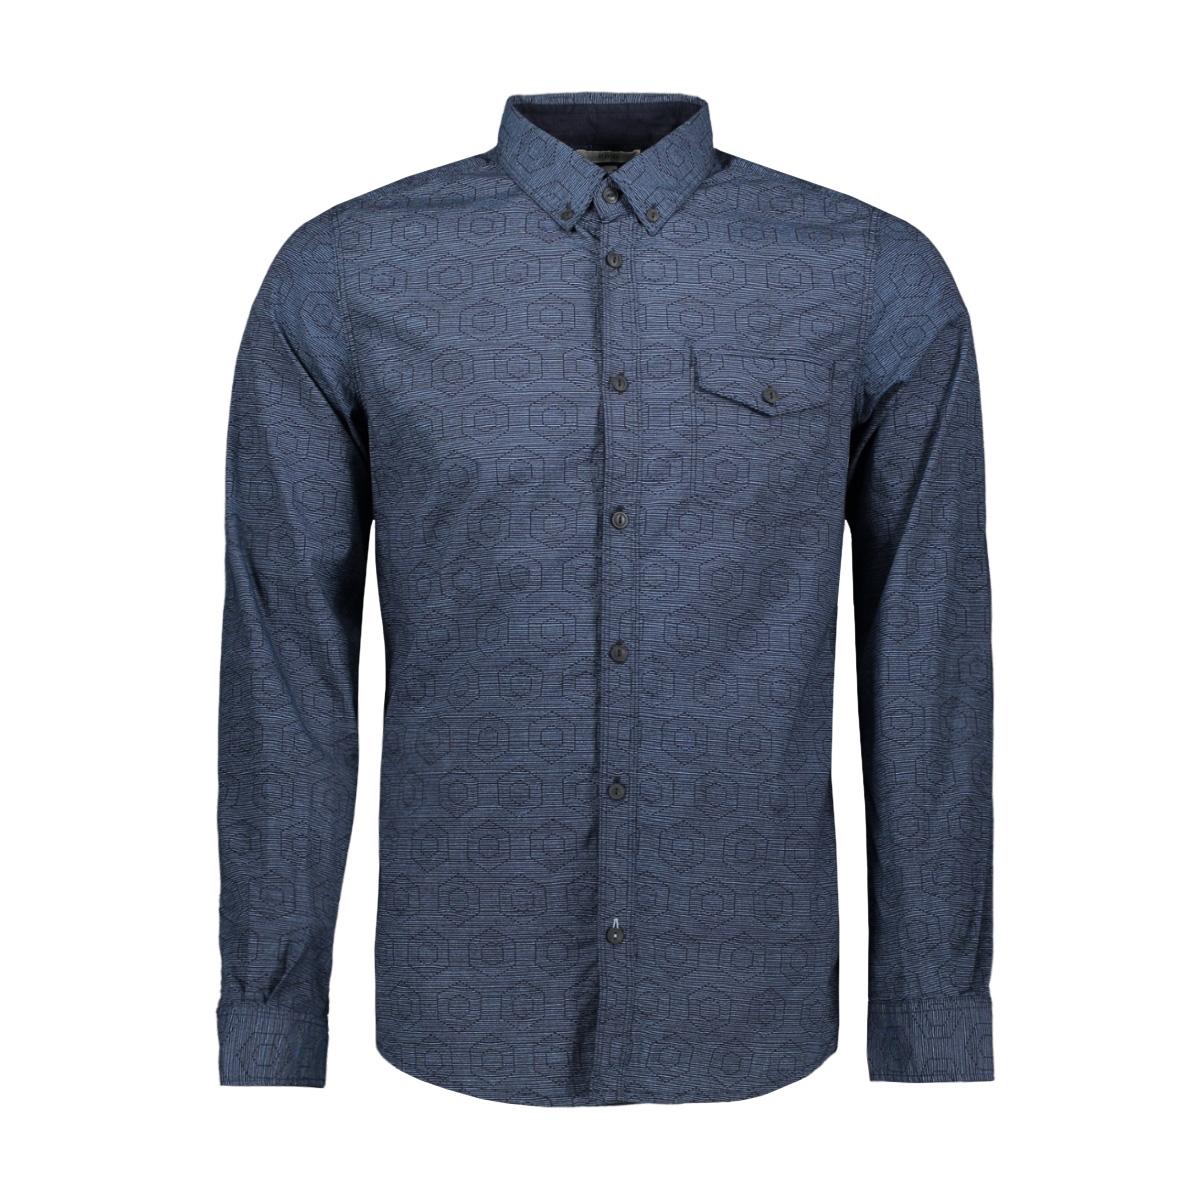 overhemd met all over print 1013177xx10 tom tailor overhemd 19147